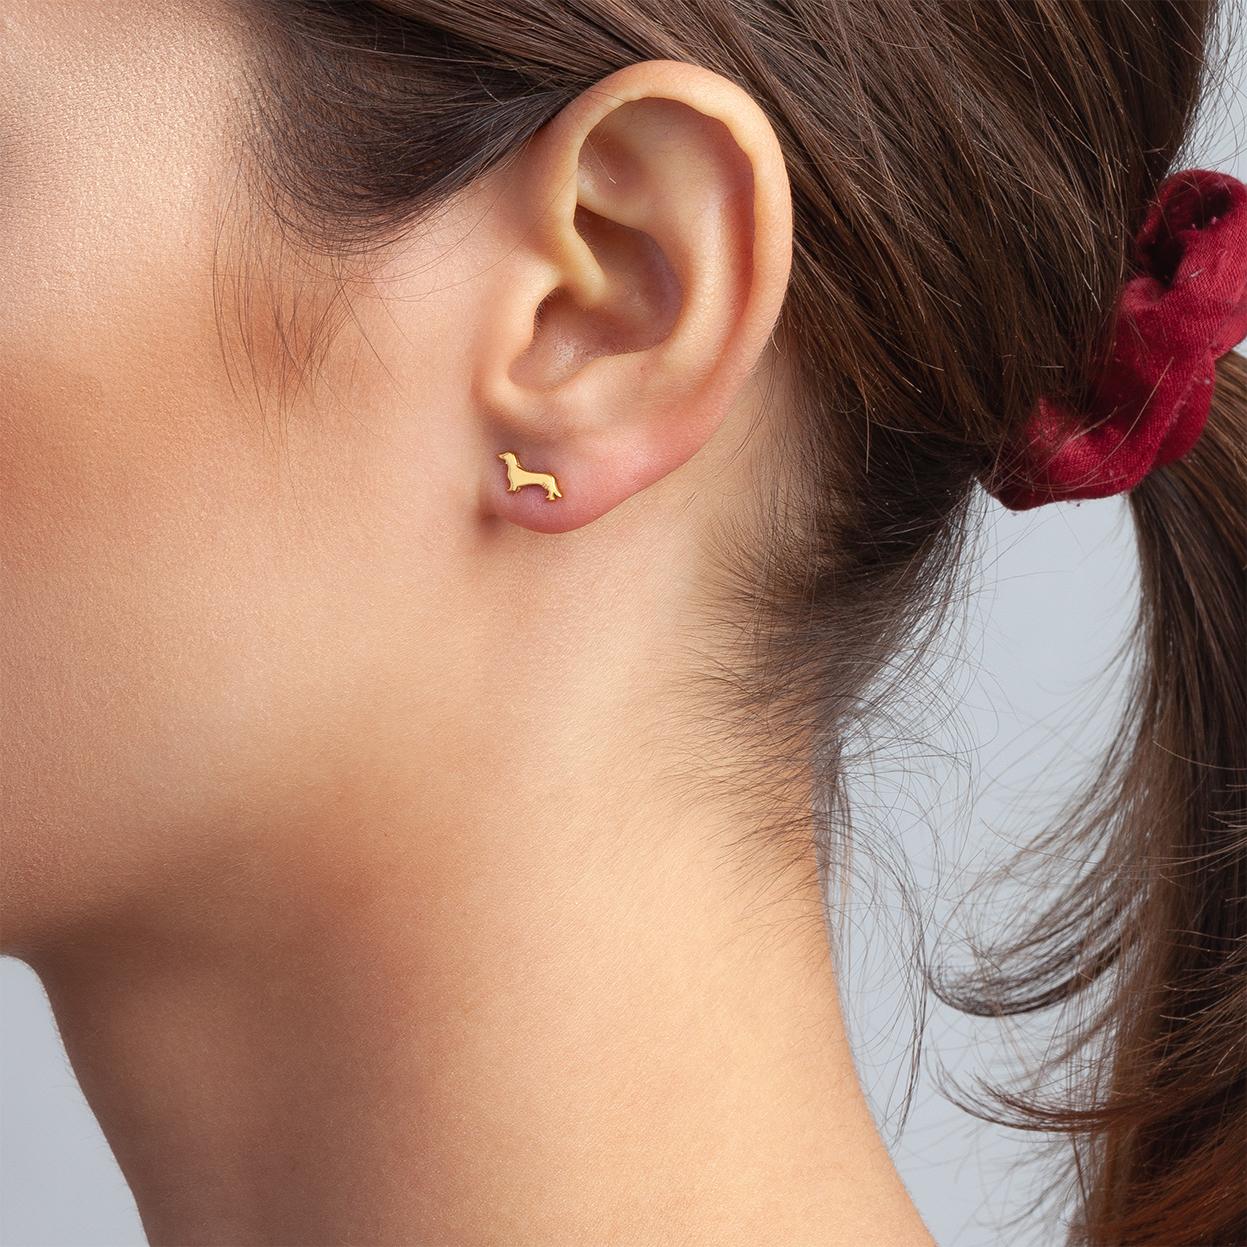 DASCHUND EARRINGS